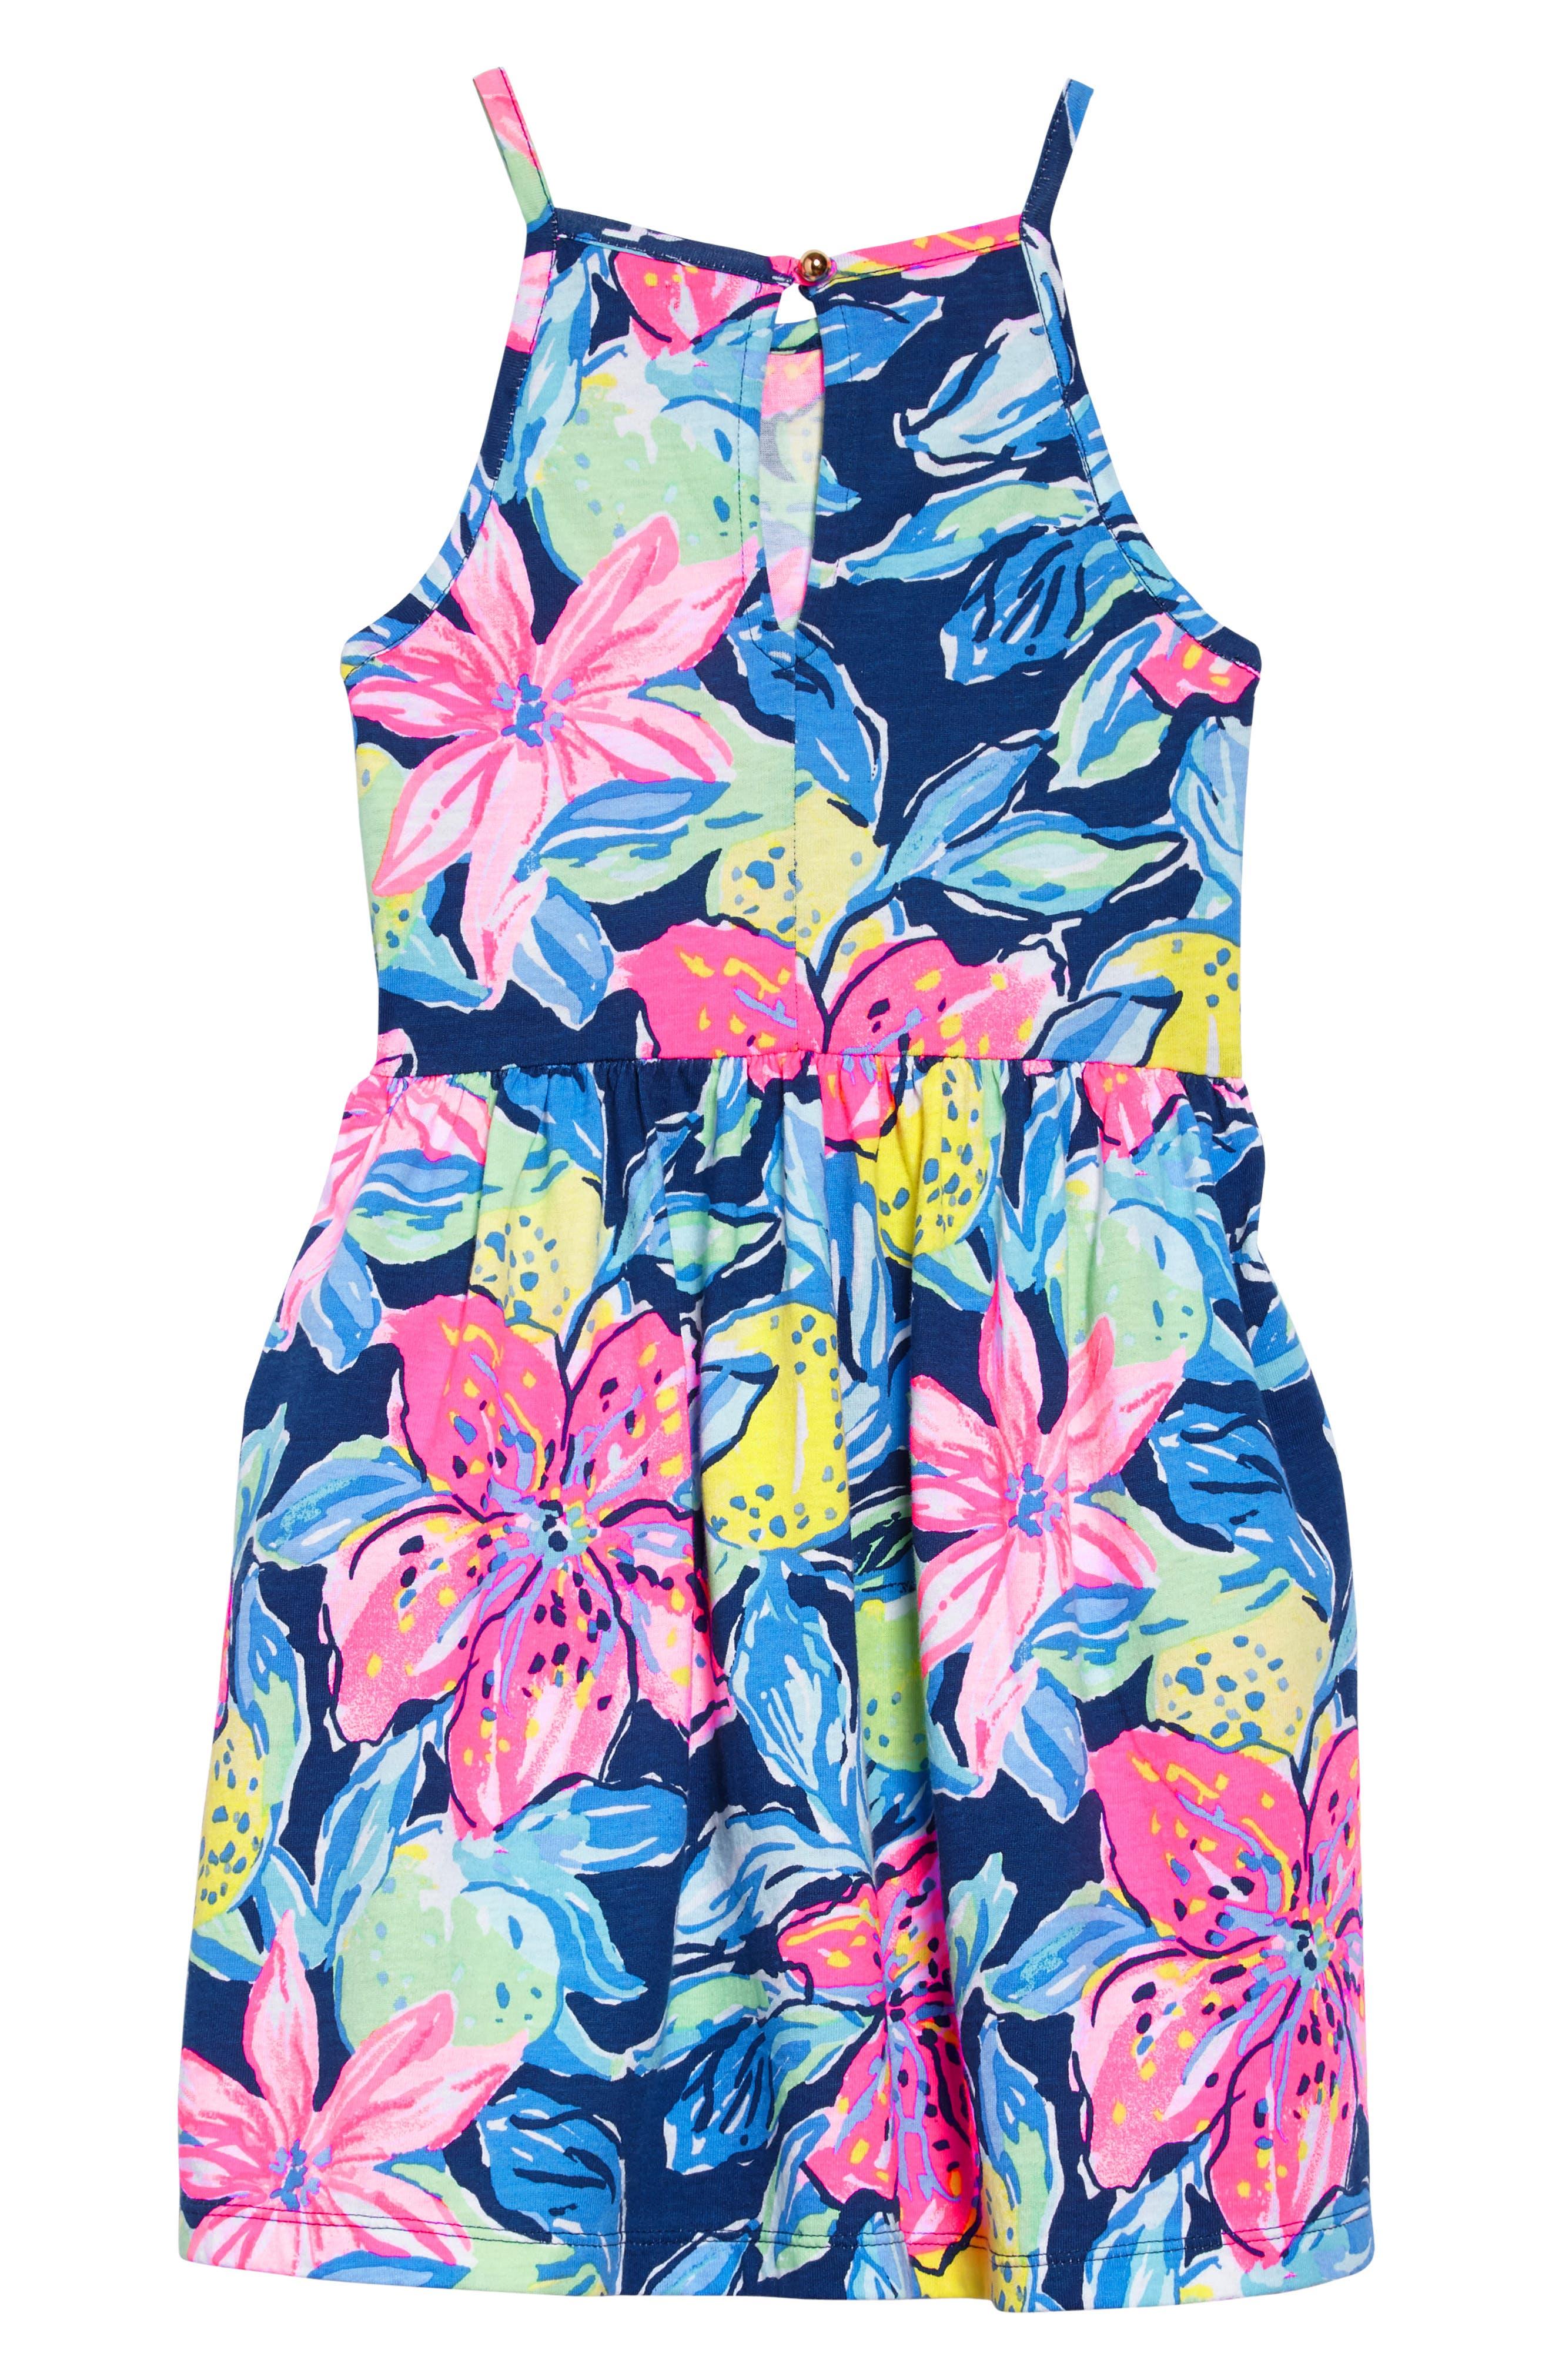 Kinley Halter Dress,                             Alternate thumbnail 2, color,                             475